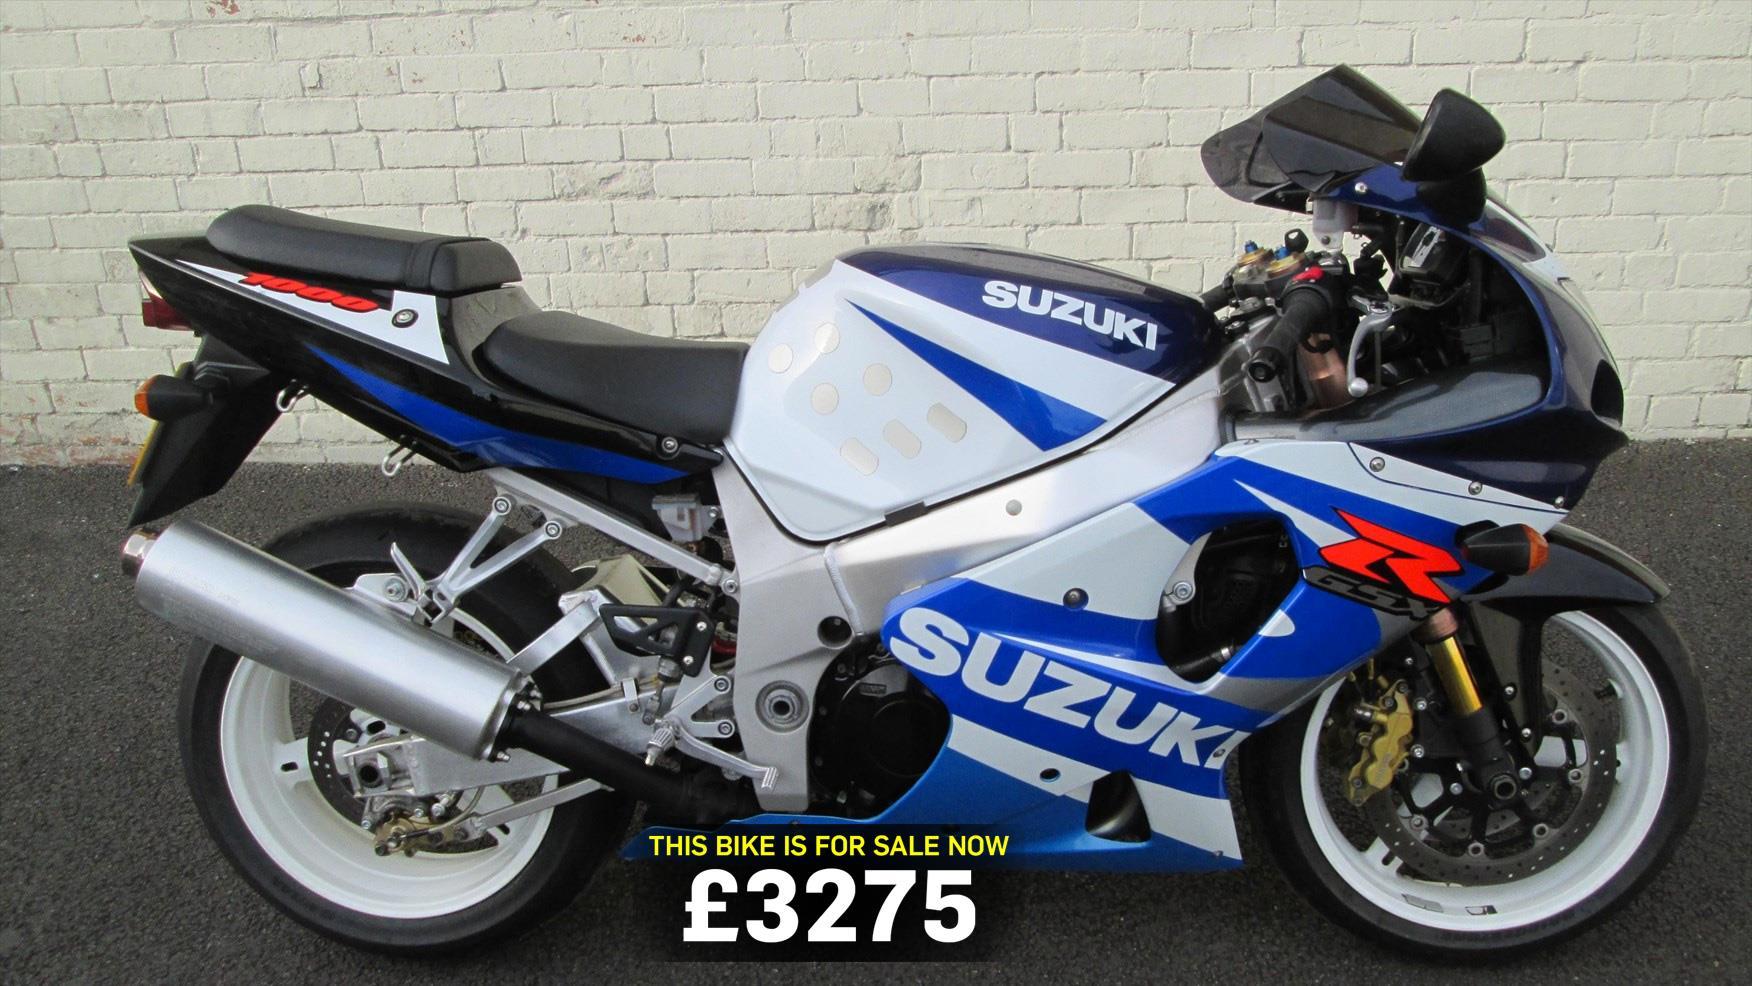 Suzuki GSX-R1000 Insurance – BikeBound  |Suzuki Gixxer 1000 Price